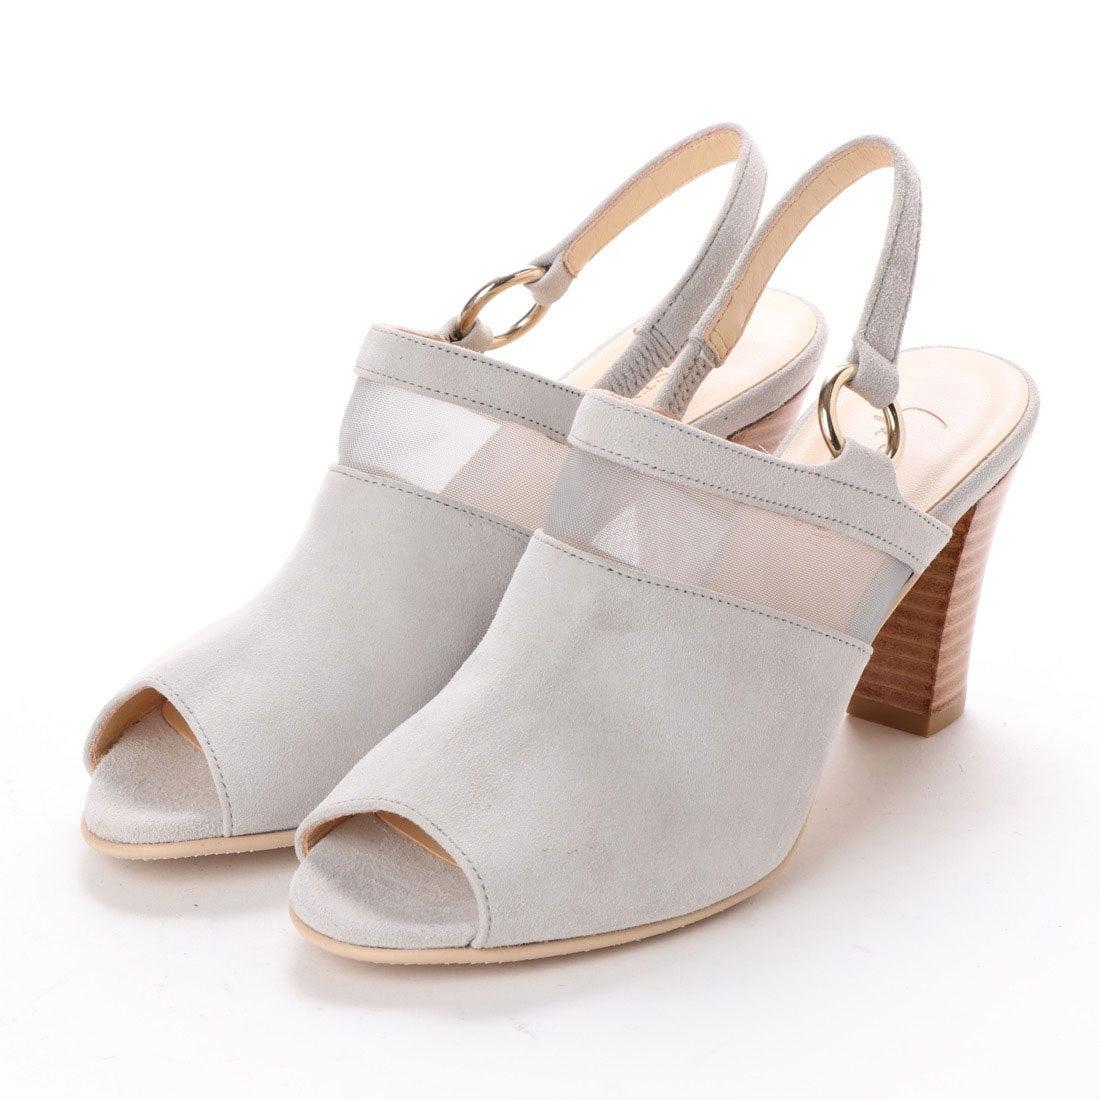 ロコンド 靴とファッションの通販サイトスタイルラボ STYLE lab チュールコンビカバードサンダル (ライトグレースエード)